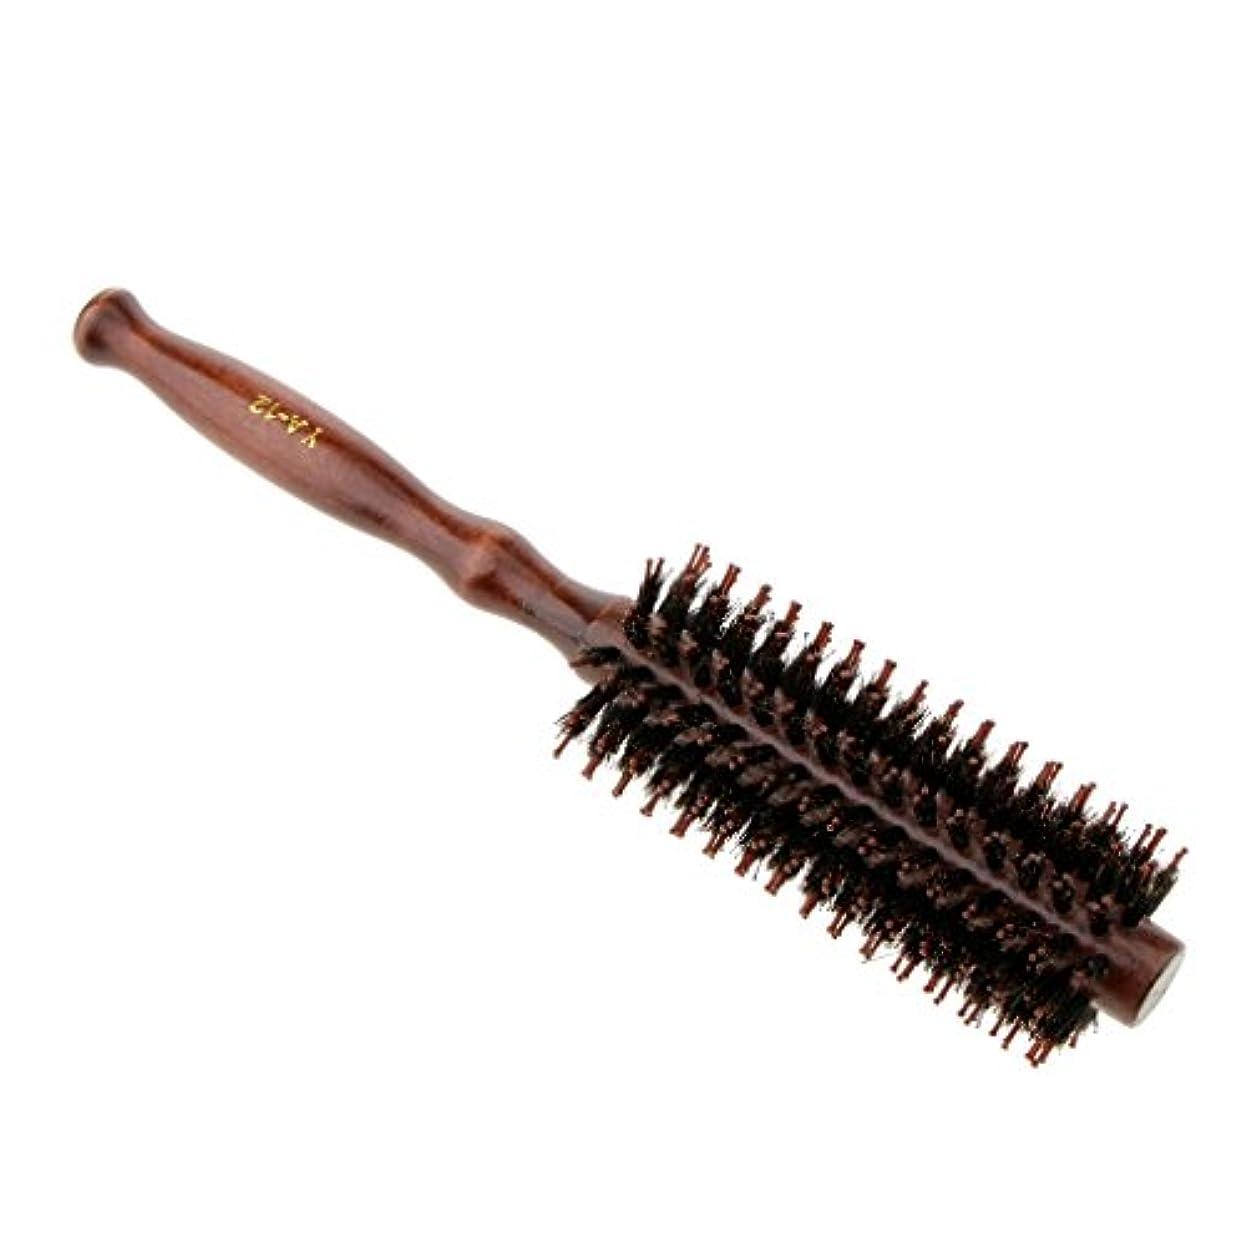 特殊所有者医薬自然な円形のスタイリングのヘアブラシの木製のハンドル - スタイル、カールおよび乾いた髪への女性と男性のためのロールヘアブラシ - #2